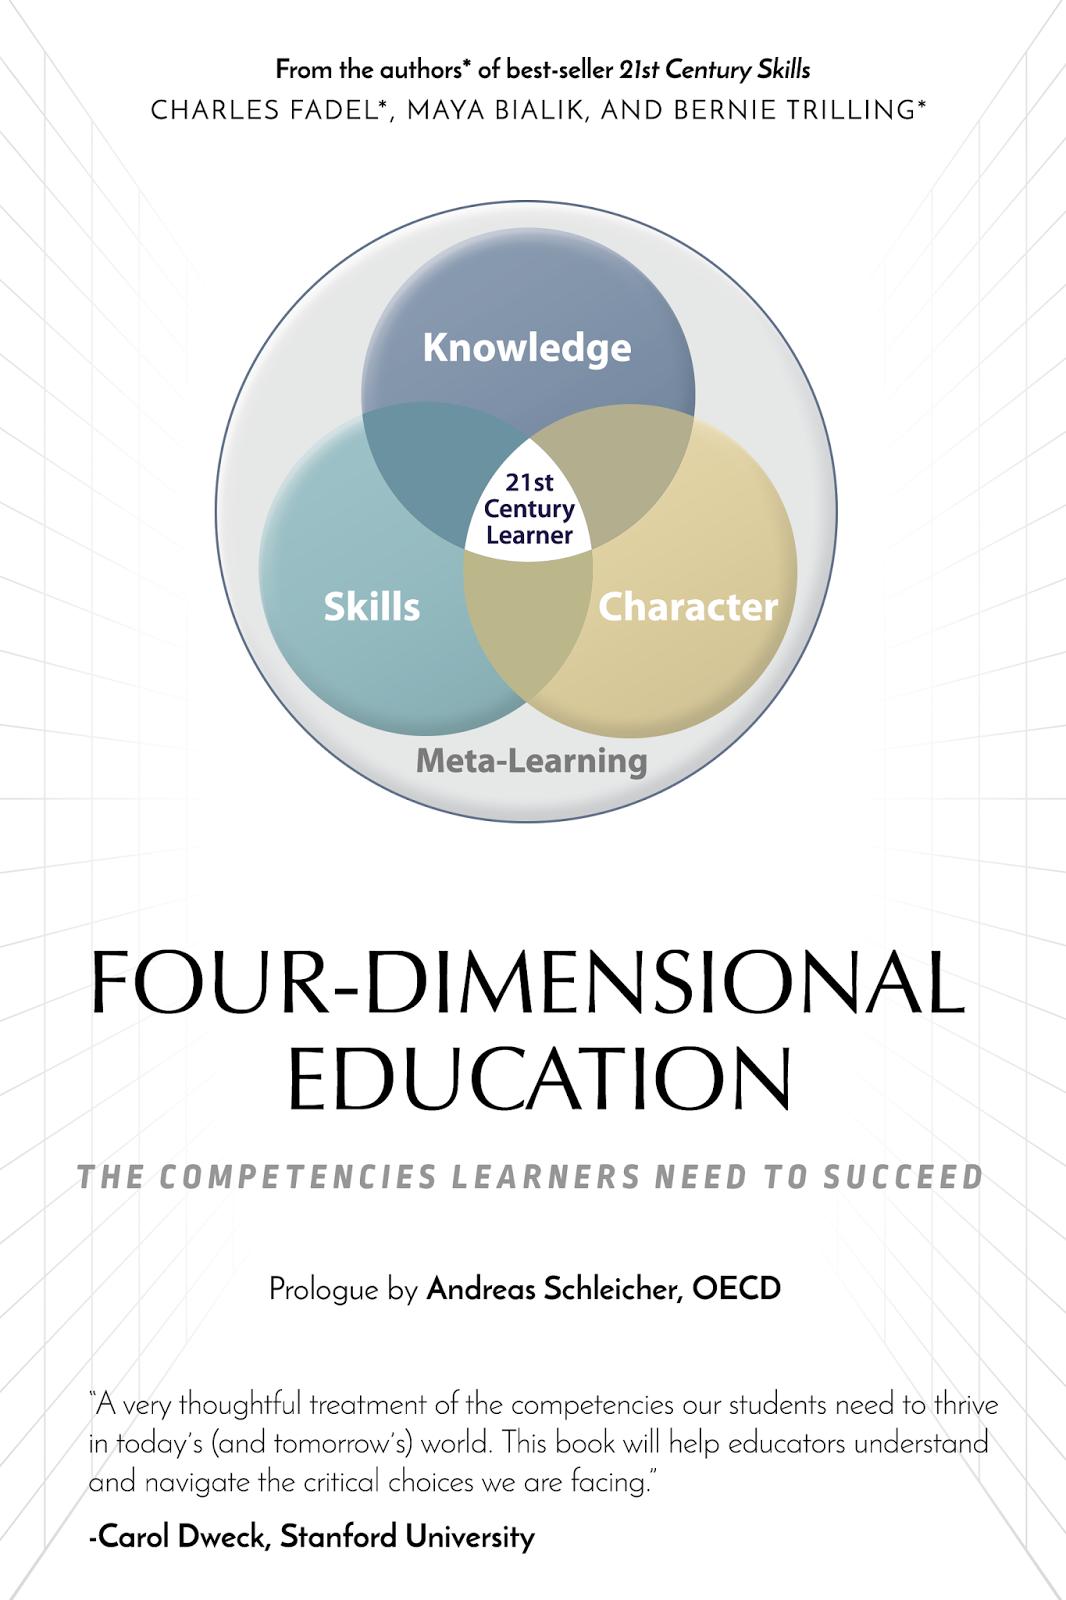 La Educacion En Cuatro Dimensiones